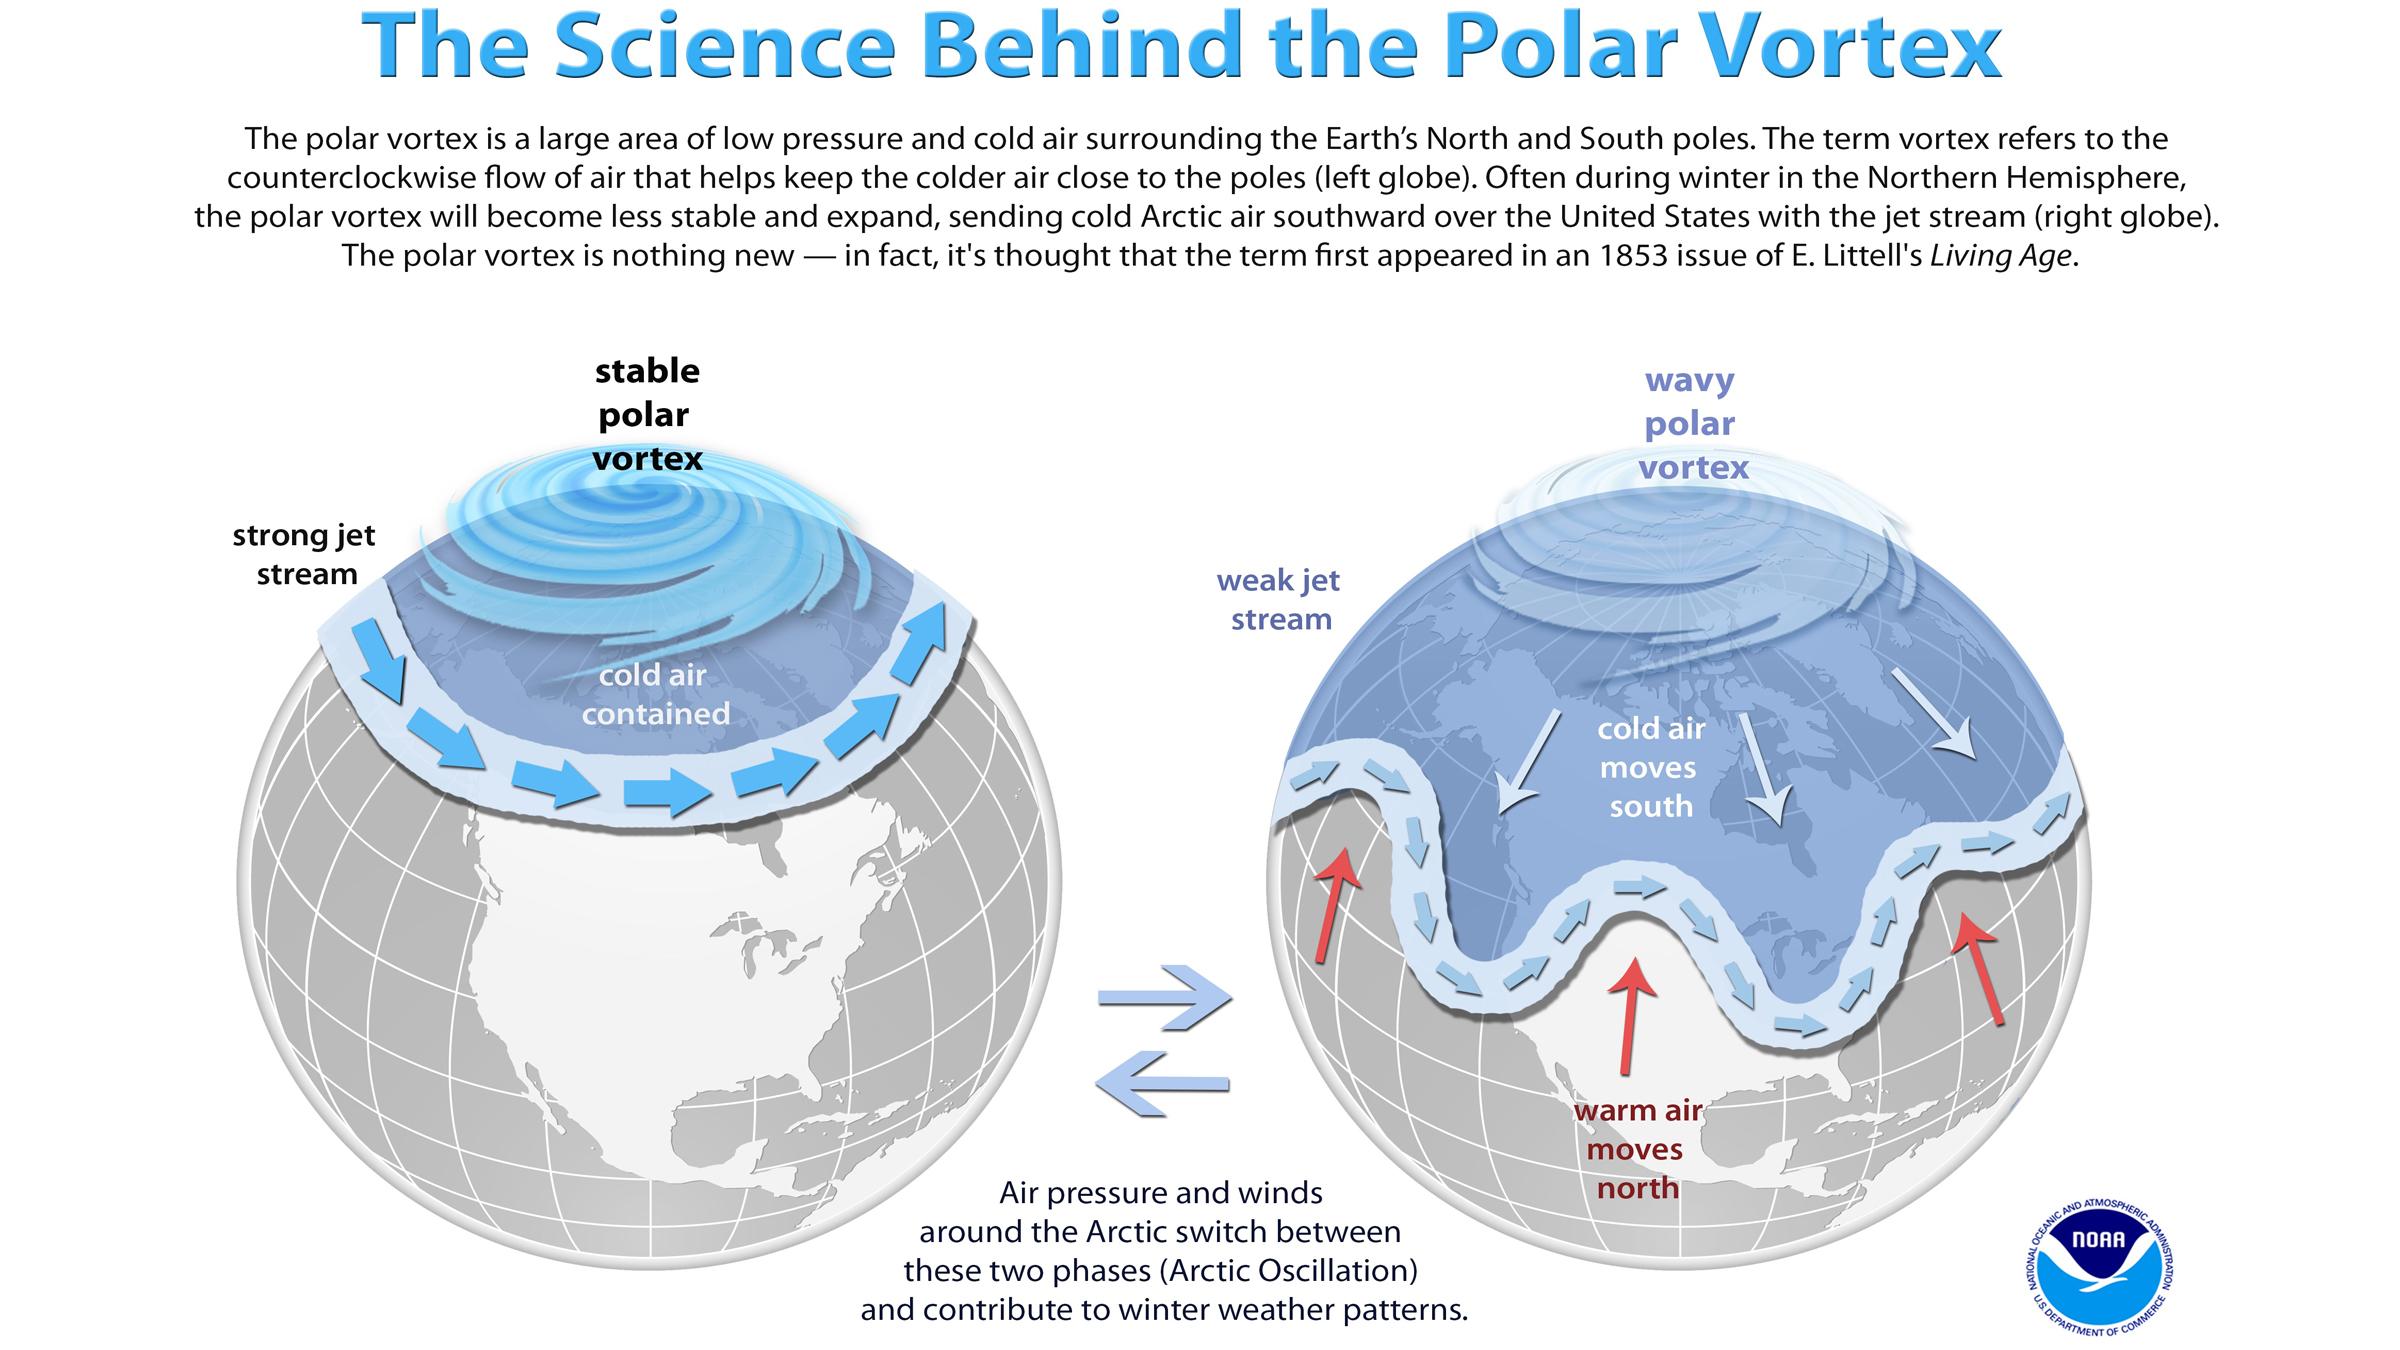 Un diagramme montrant un vortex polaire normal et étendu